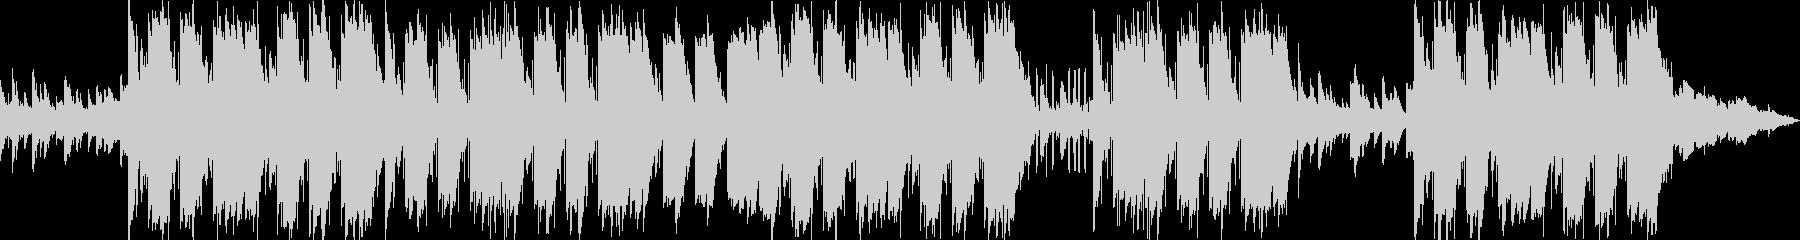 切なくエモーショナルなピアノトラップの未再生の波形